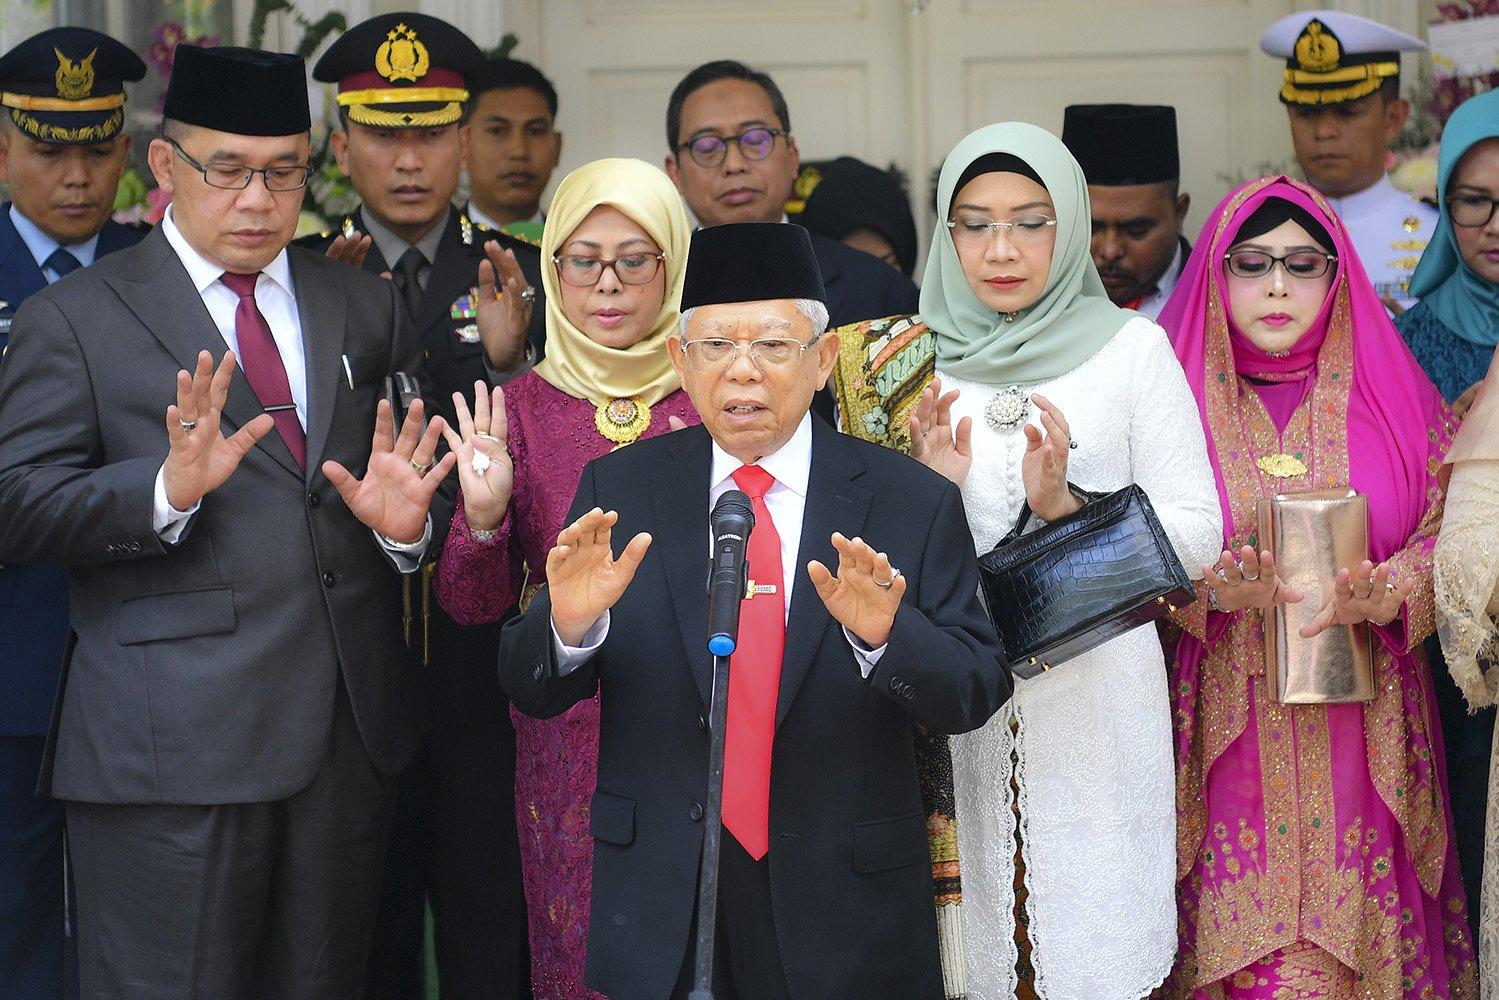 Wakil Presiden terpilih Ma\'ruf Amin (tengah) memimpin doa bersama didampingi istri Wuri Estu Handayani Ma\'ruf Amin (ketiga kanan) beserta keluarga besar sebelum mengikuti upacara pelantikan Presiden dan Wakil Presiden periode 2019-2024 di Jakarta, Minggu (20/10/2019).